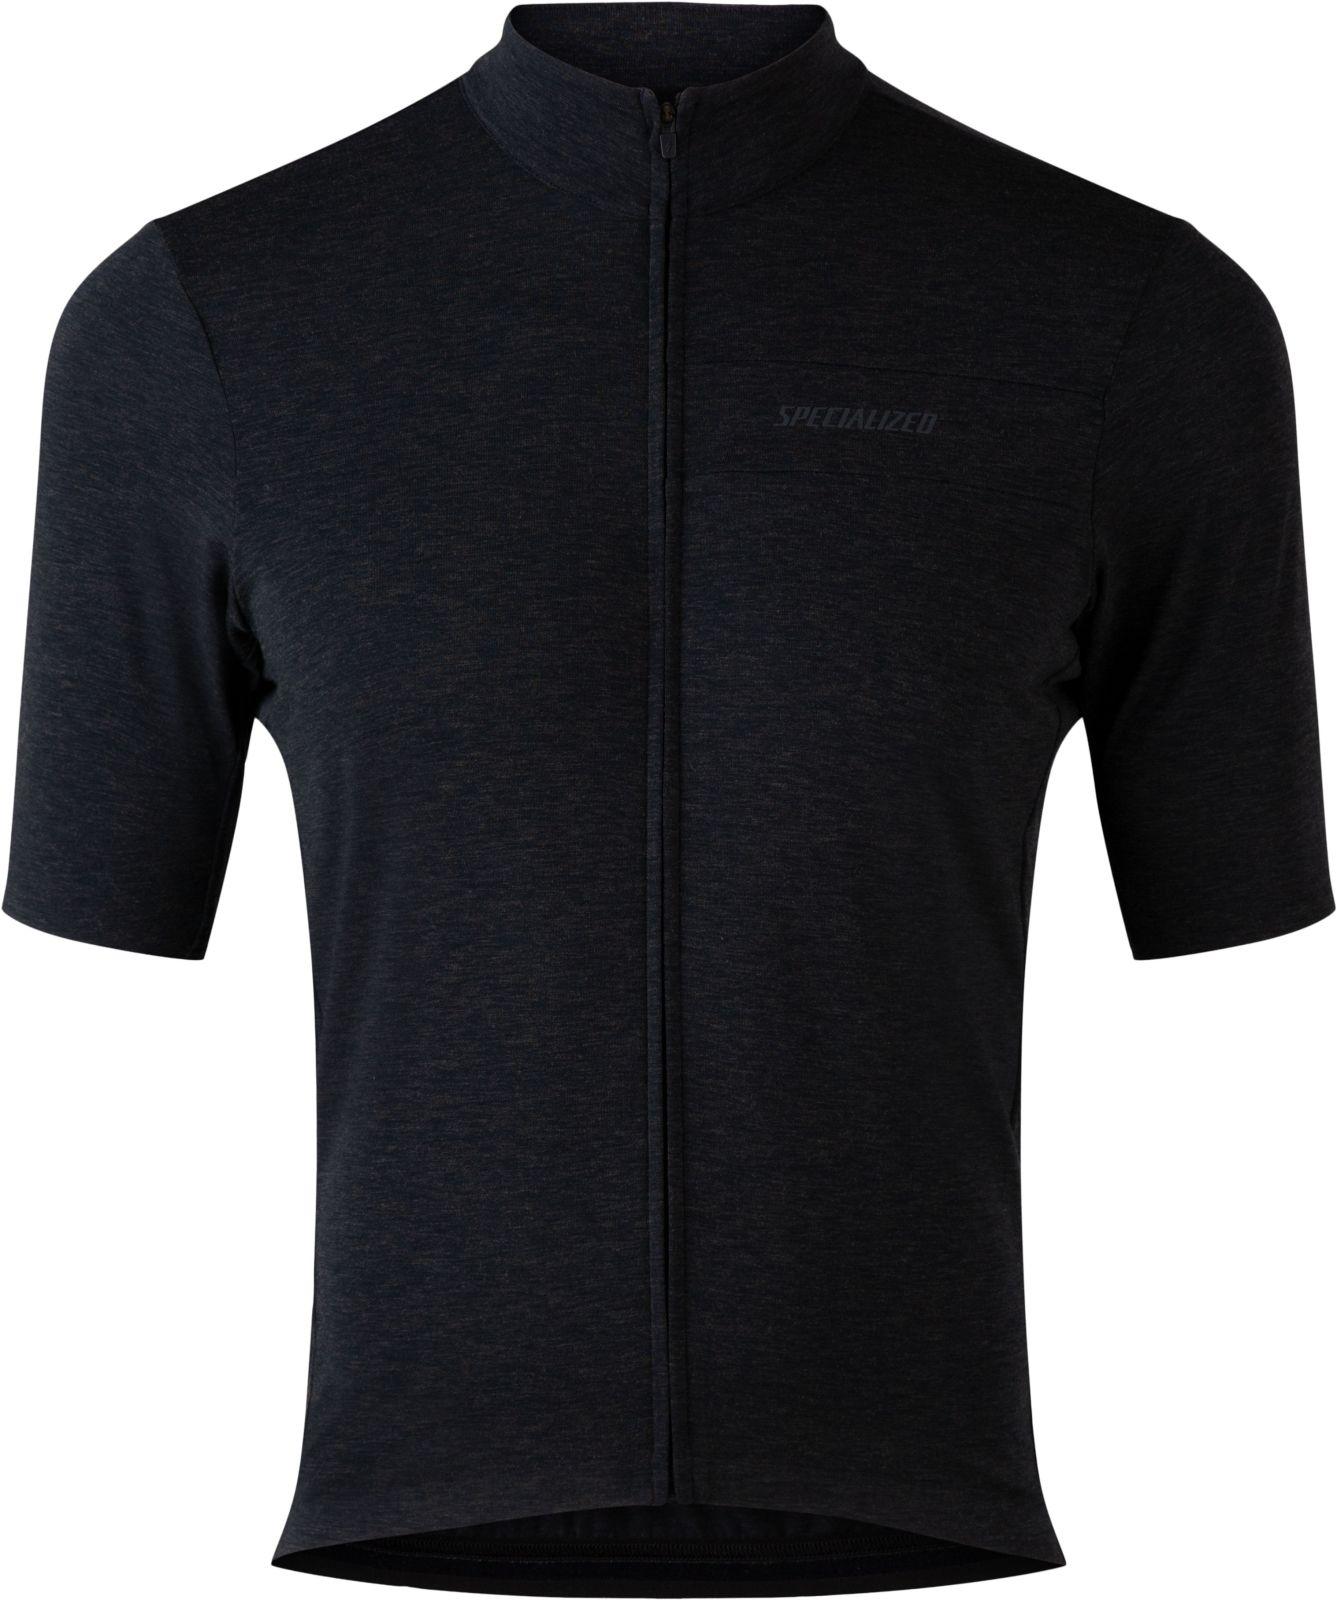 Specialized Rbx Merino Jersey SS - black M